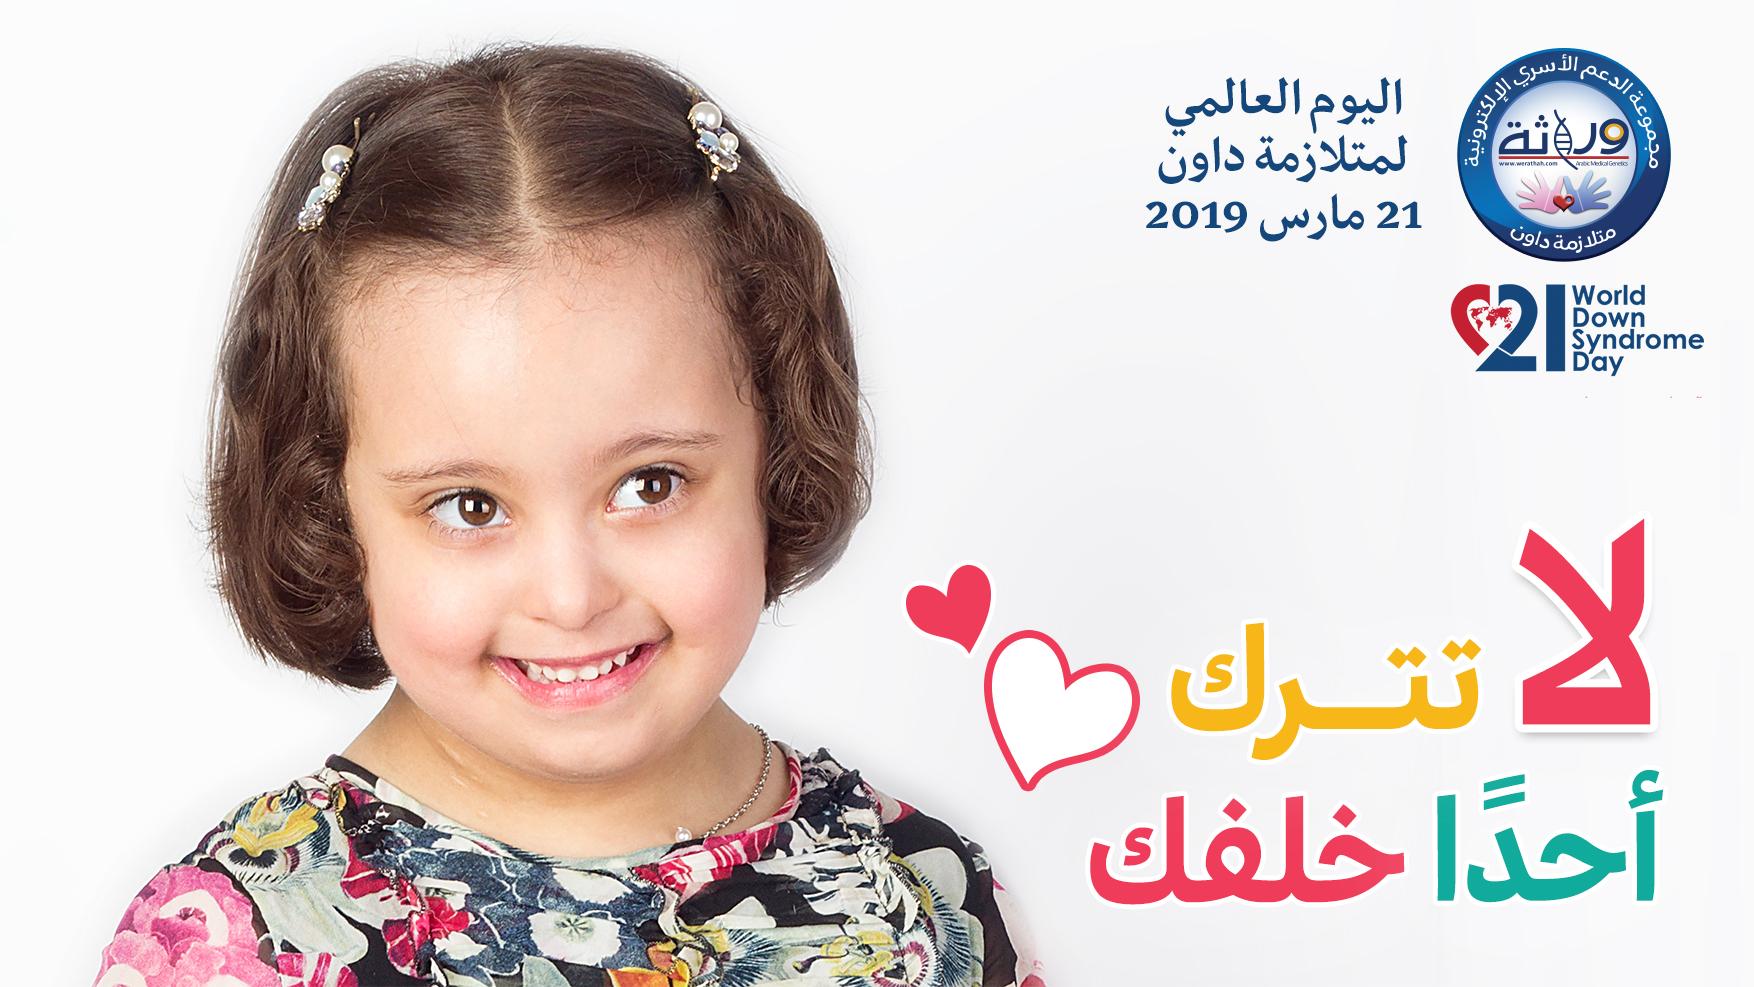 حملة اليوم العالمي لمتلازمة داون 2019